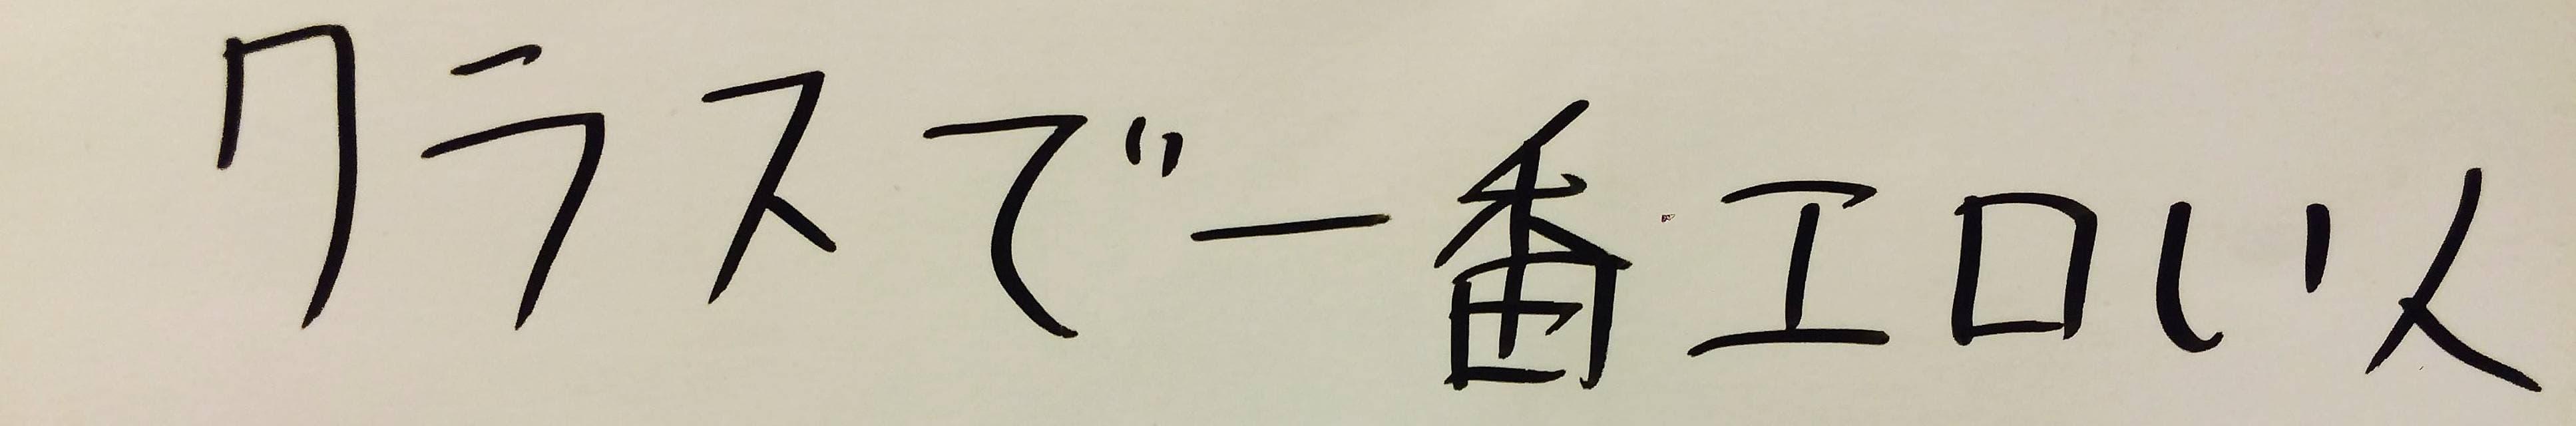 トリプルファイヤー 吉田靖直